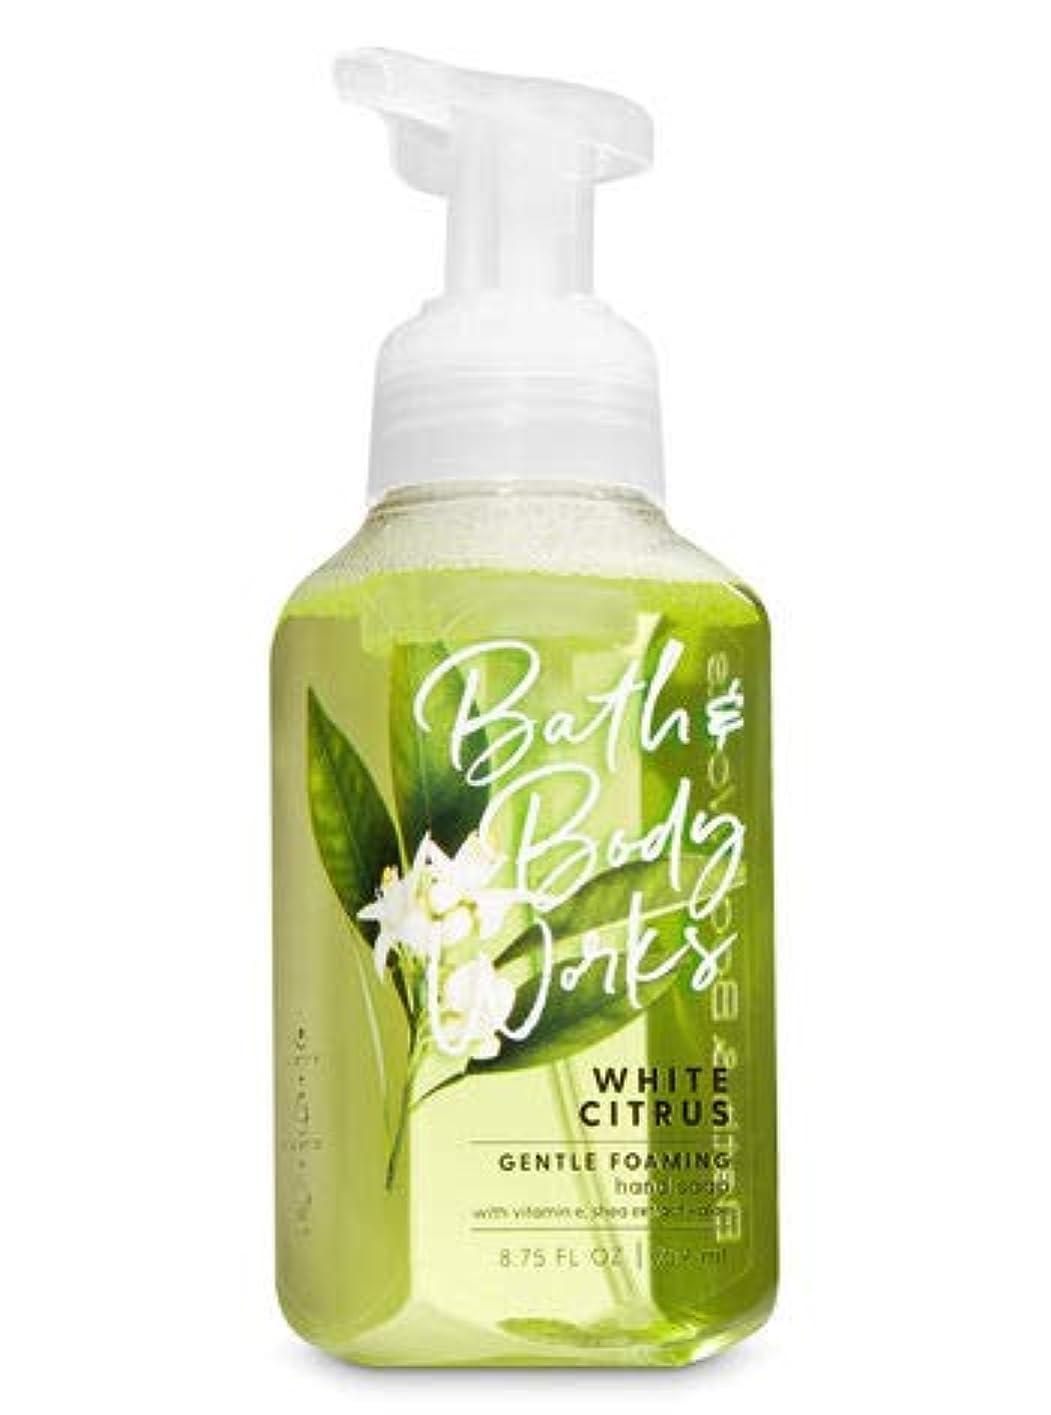 宿題をするクスクス錆びバス&ボディワークス ホワイトシトラス ジェントル フォーミング ハンドソープ White Citrus Gentle Foaming Hand Soap